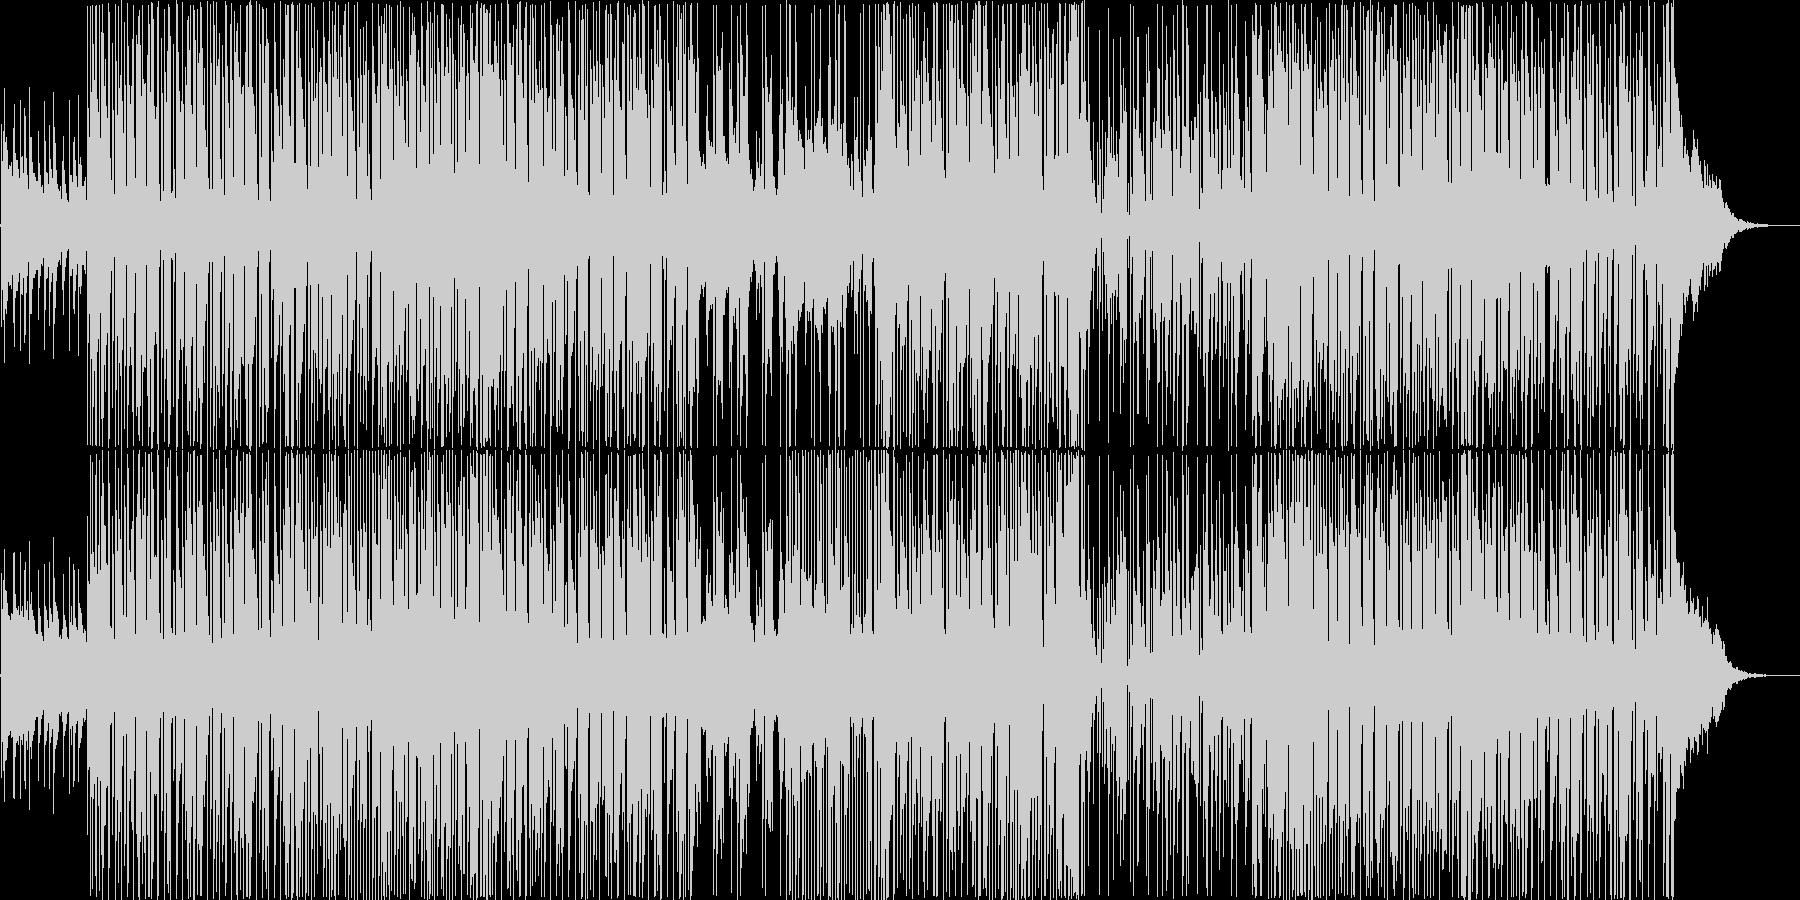 和楽器をポップス風アレンジにしました。の未再生の波形